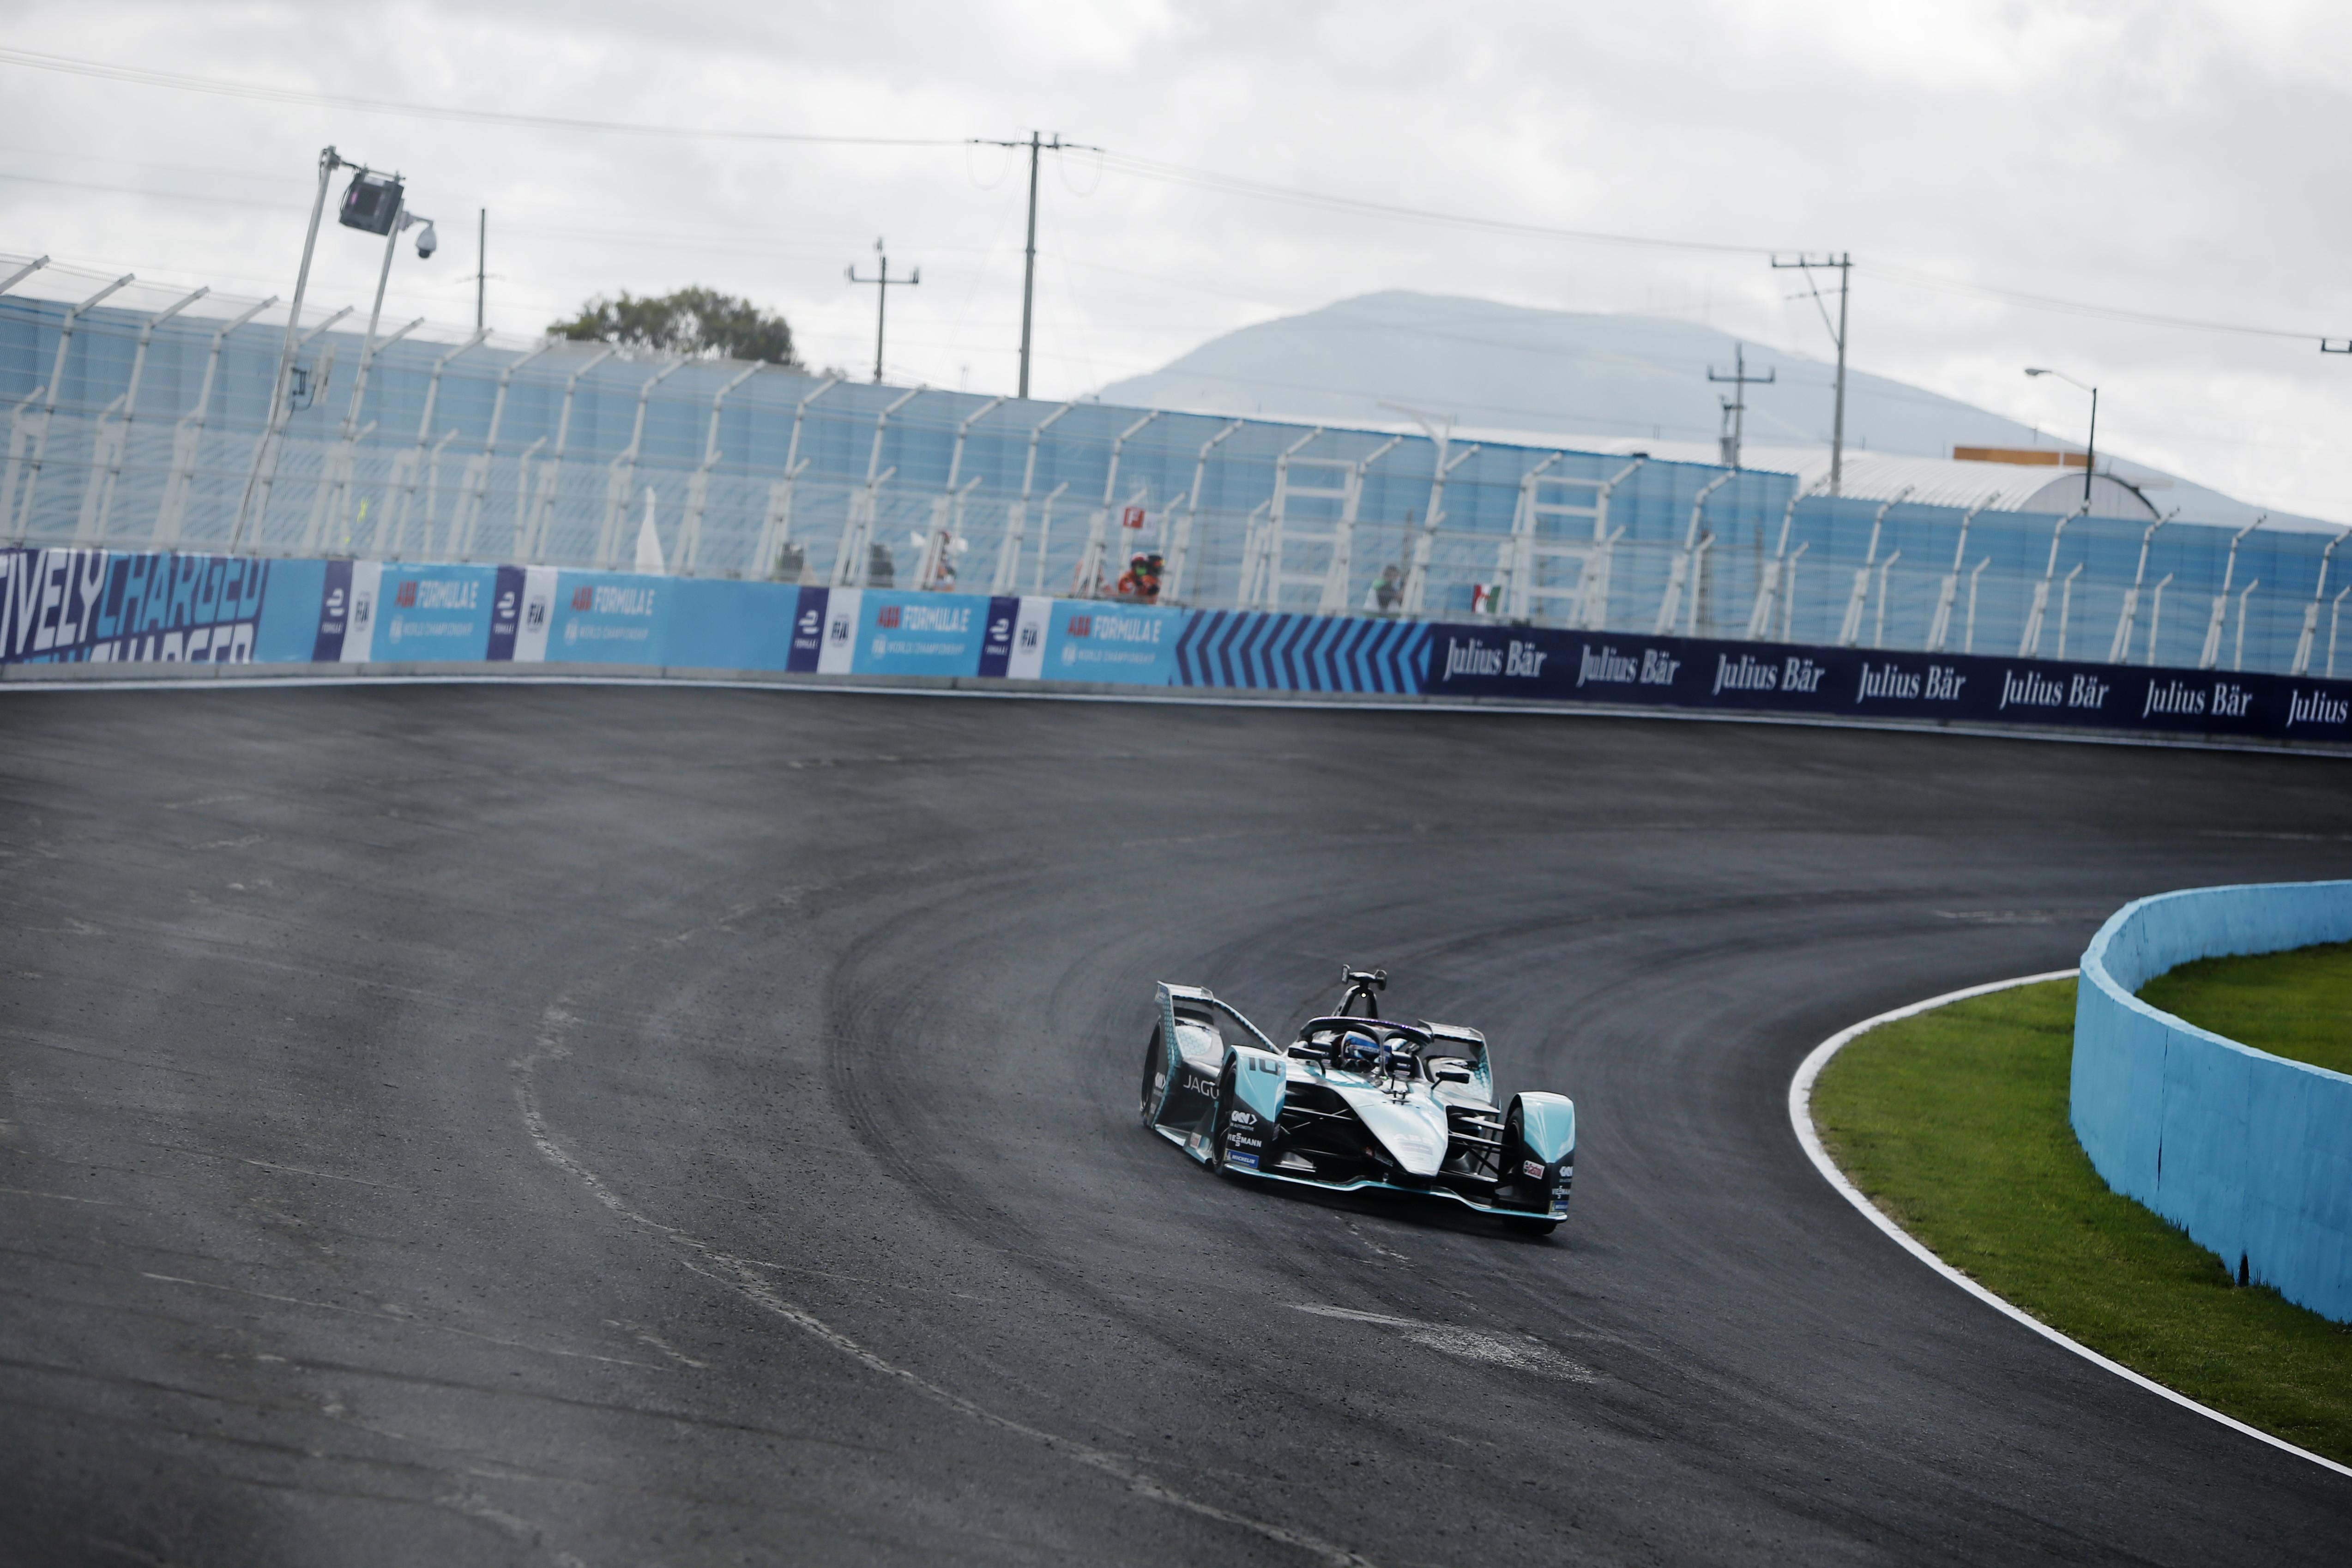 Le immagini pi&ugrave; belle da Puebla, sede dell&#39;ottava gara stagionale di Formula E.<br /><br />